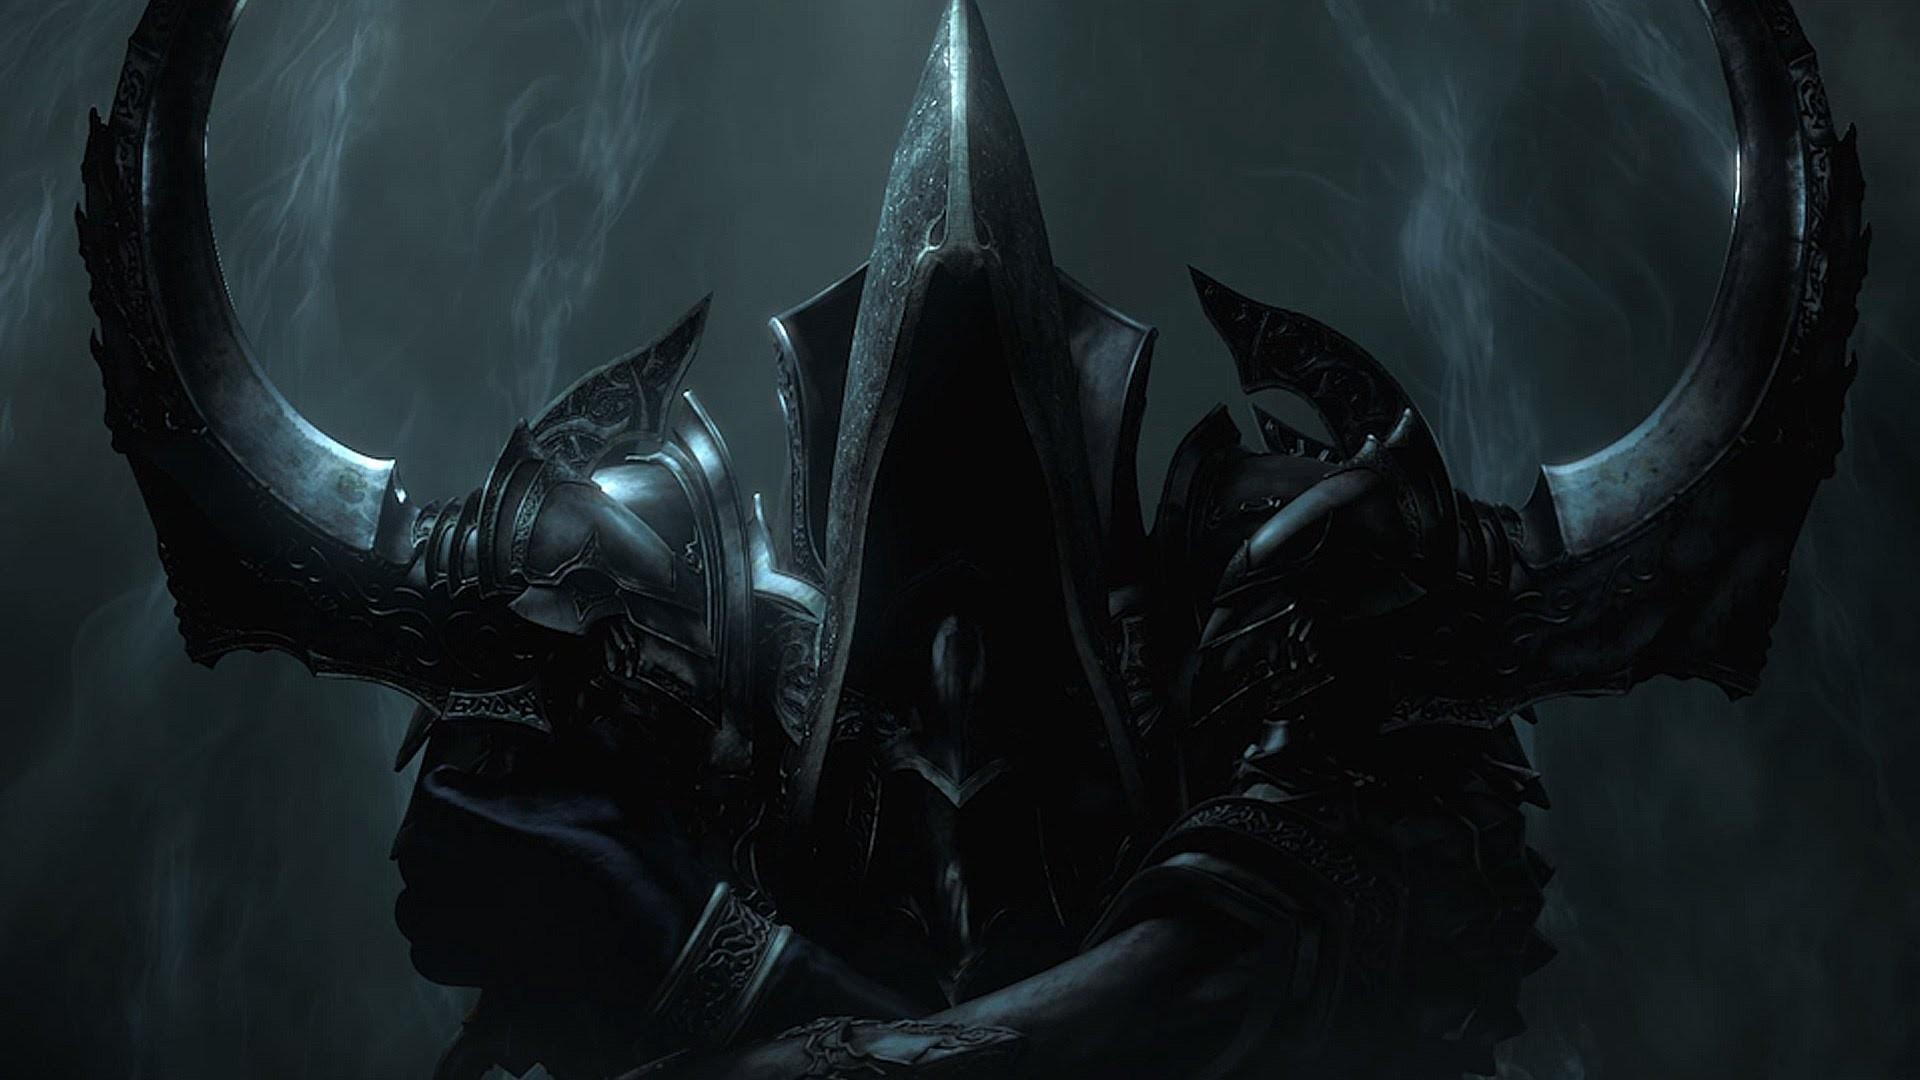 Wallpaper Diablo Iii Diablo 3 Reaper Of Souls Darkness